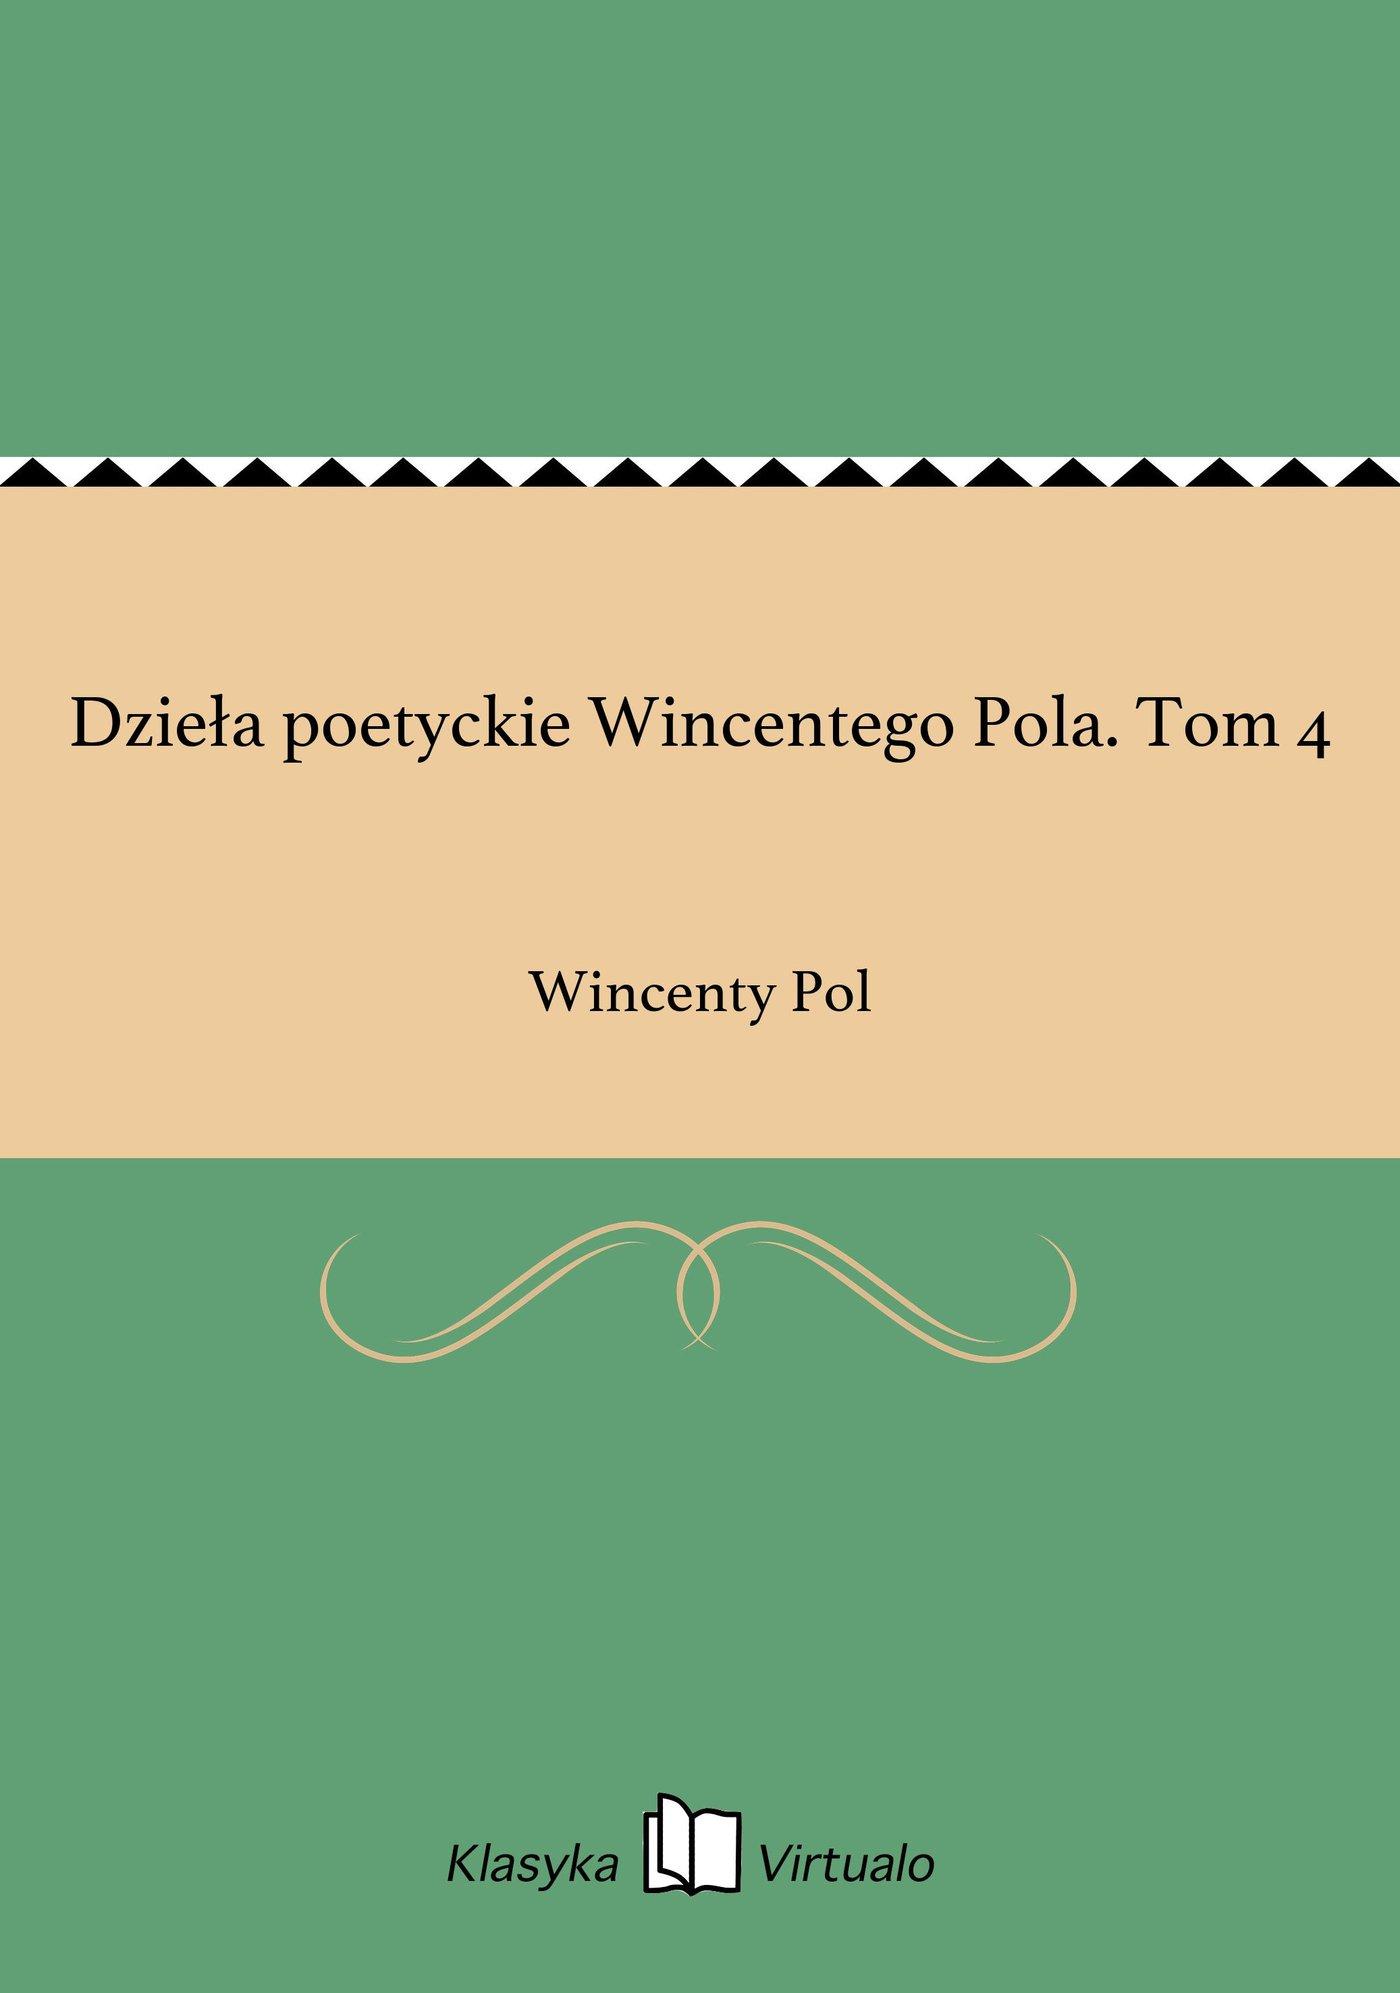 Dzieła poetyckie Wincentego Pola. Tom 4 - Ebook (Książka EPUB) do pobrania w formacie EPUB